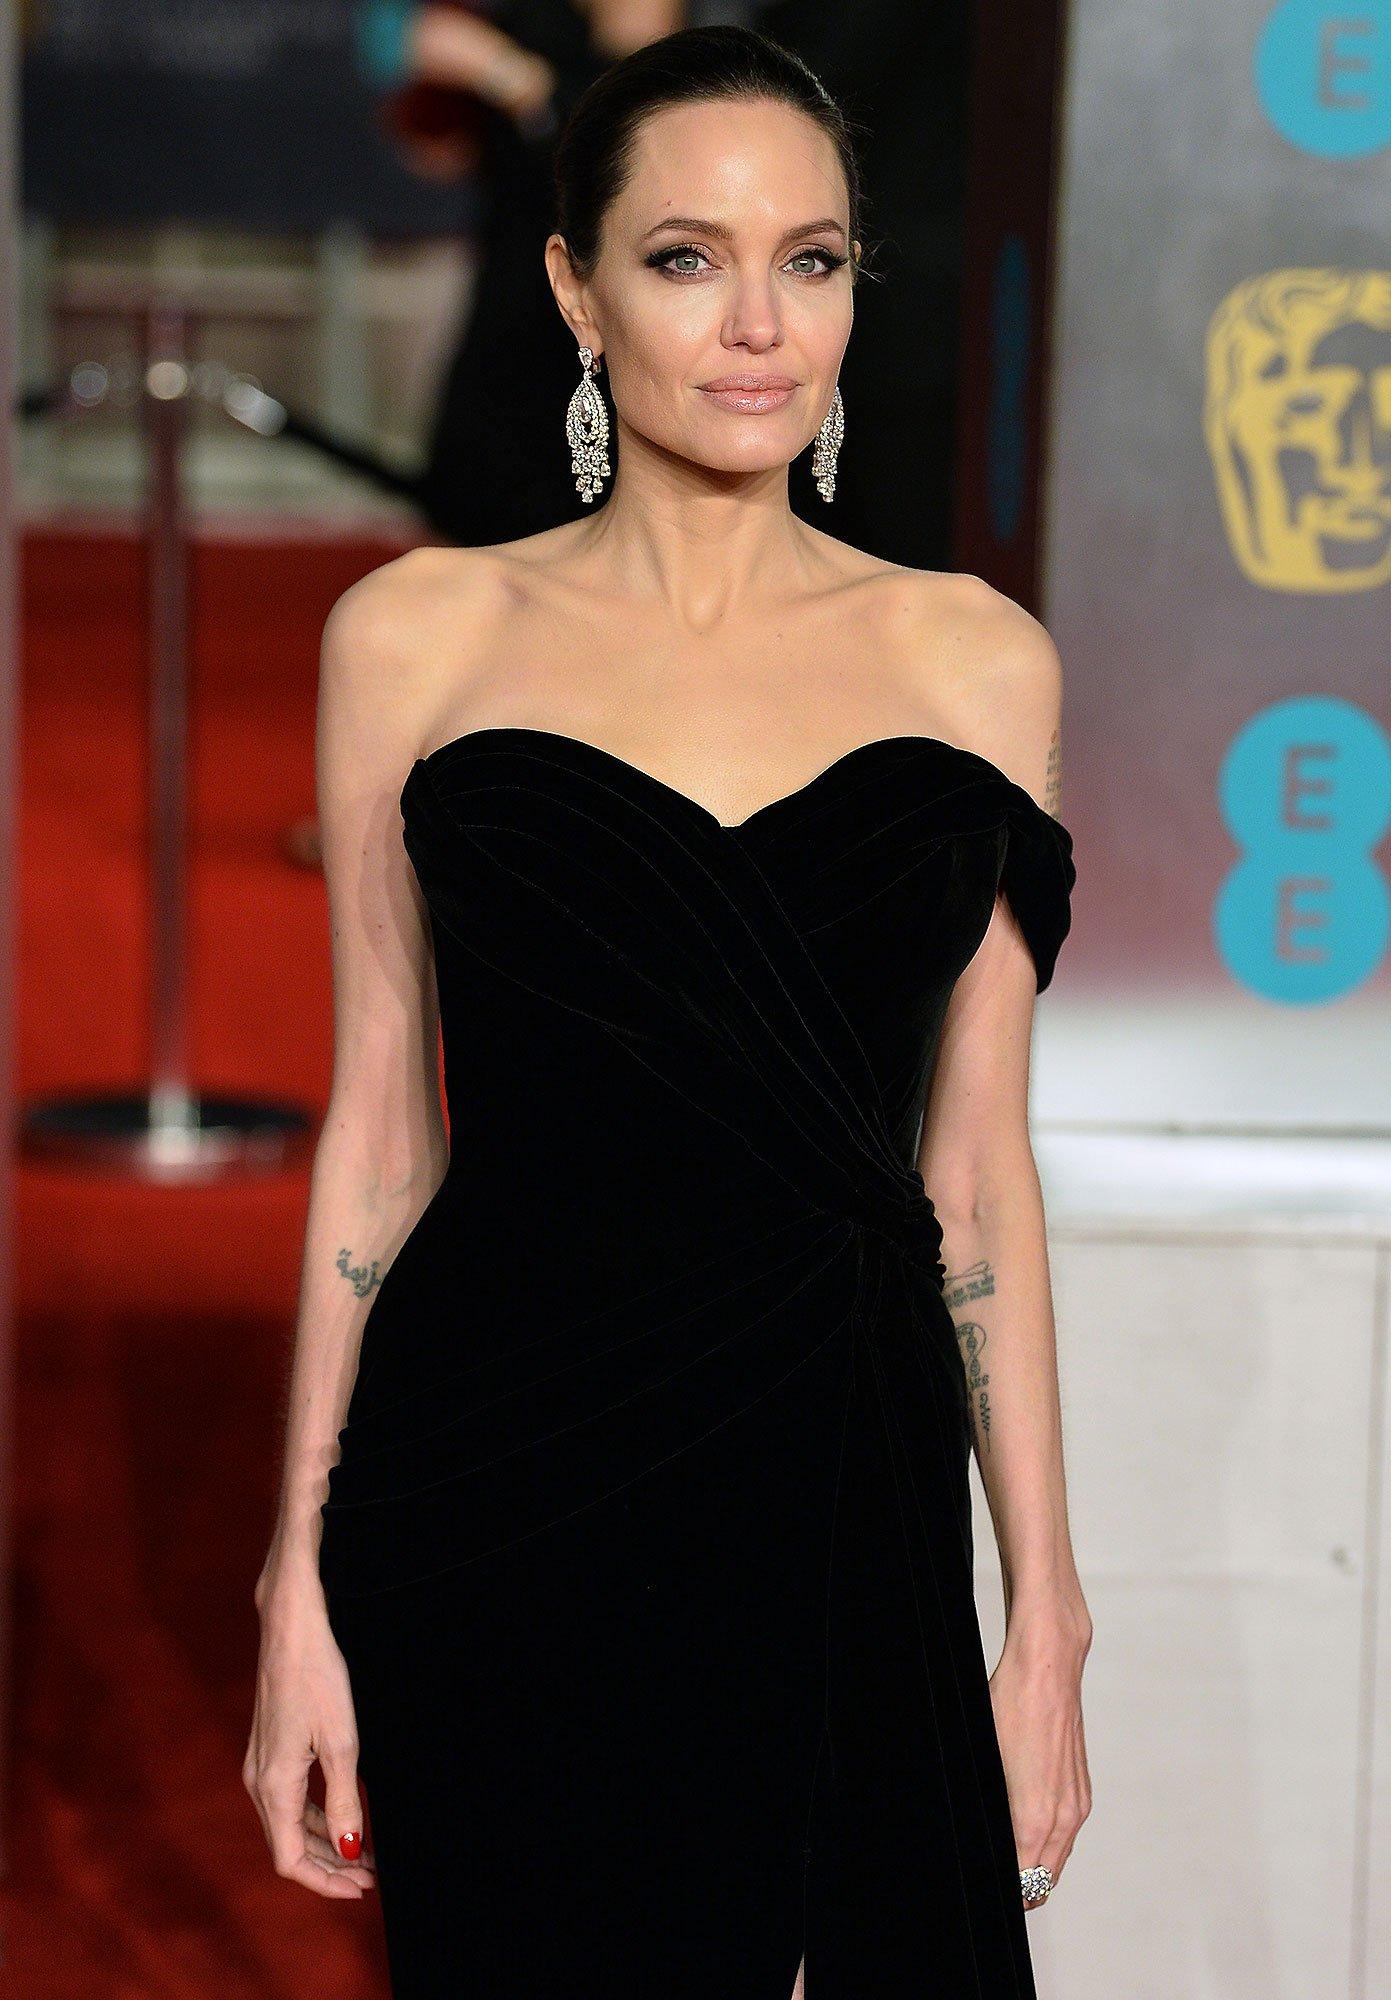 В сети появилось невероятное фото Анджелины Джоли со съемок фильма «Малефисента 2»